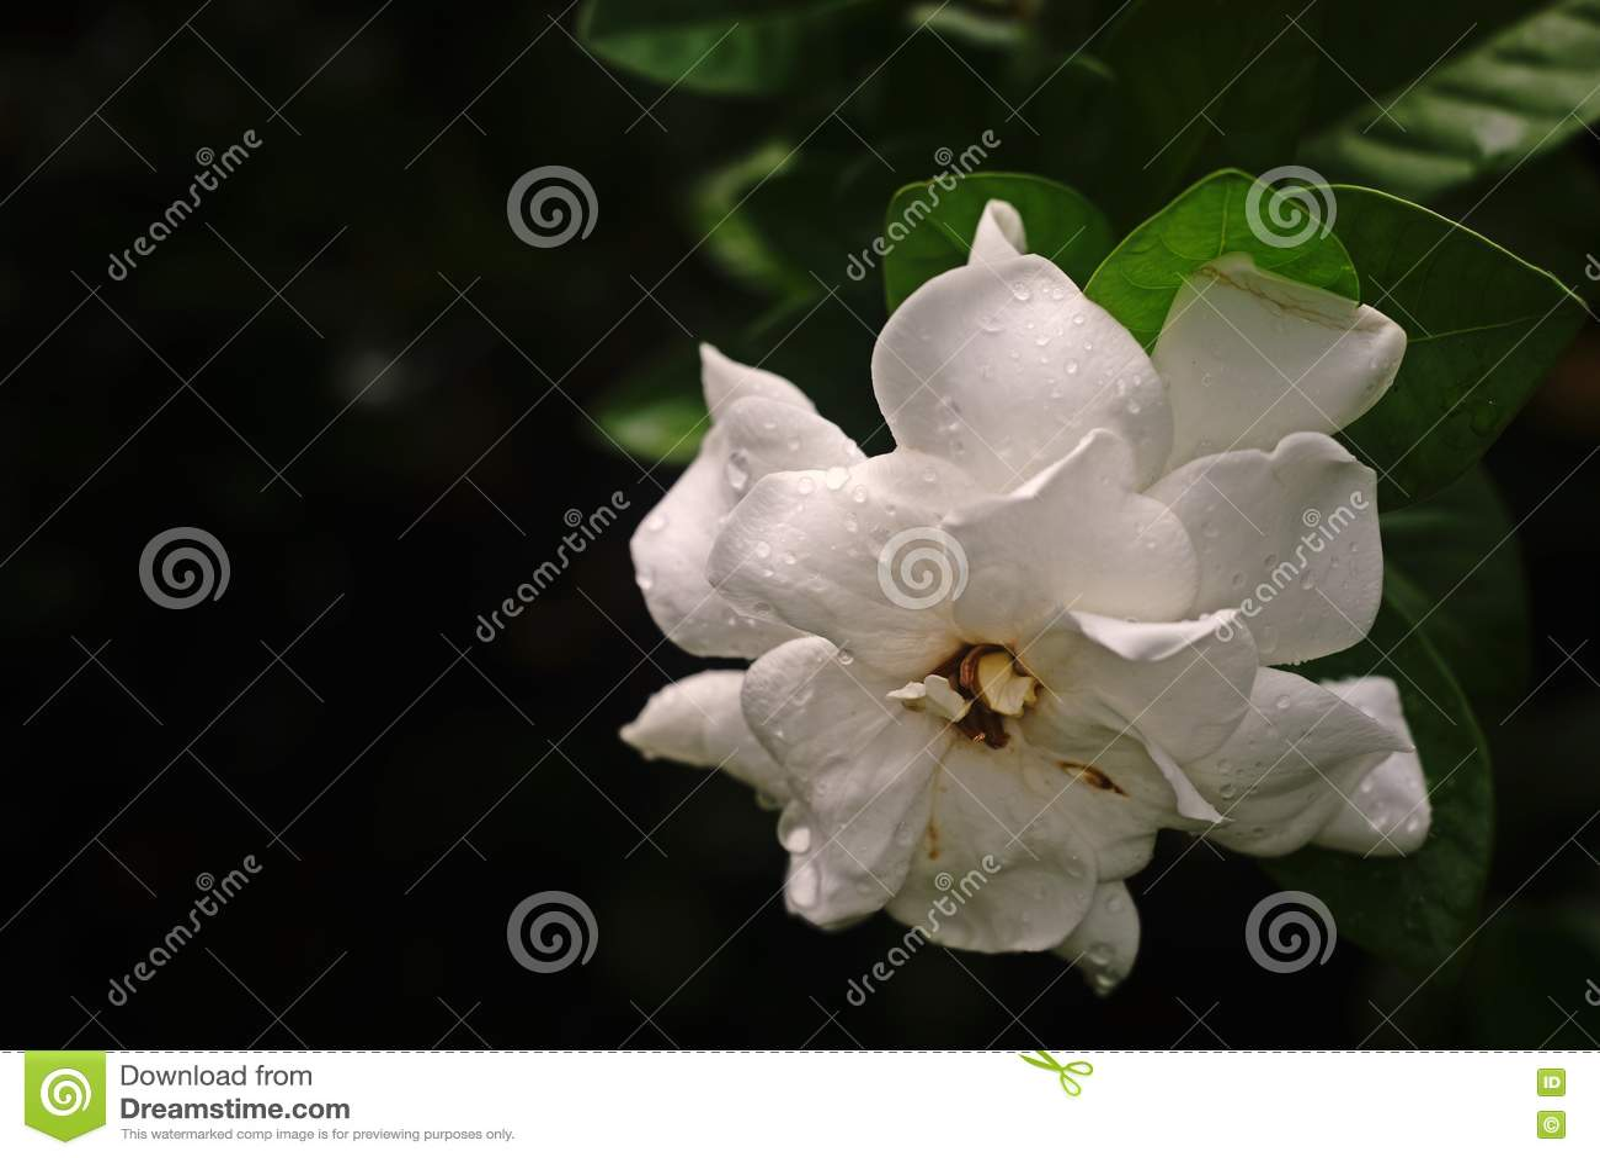 Cape jasminefragrant flower stock image image of white beauty download cape jasminefragrant flower stock image image of white beauty 79962553 izmirmasajfo